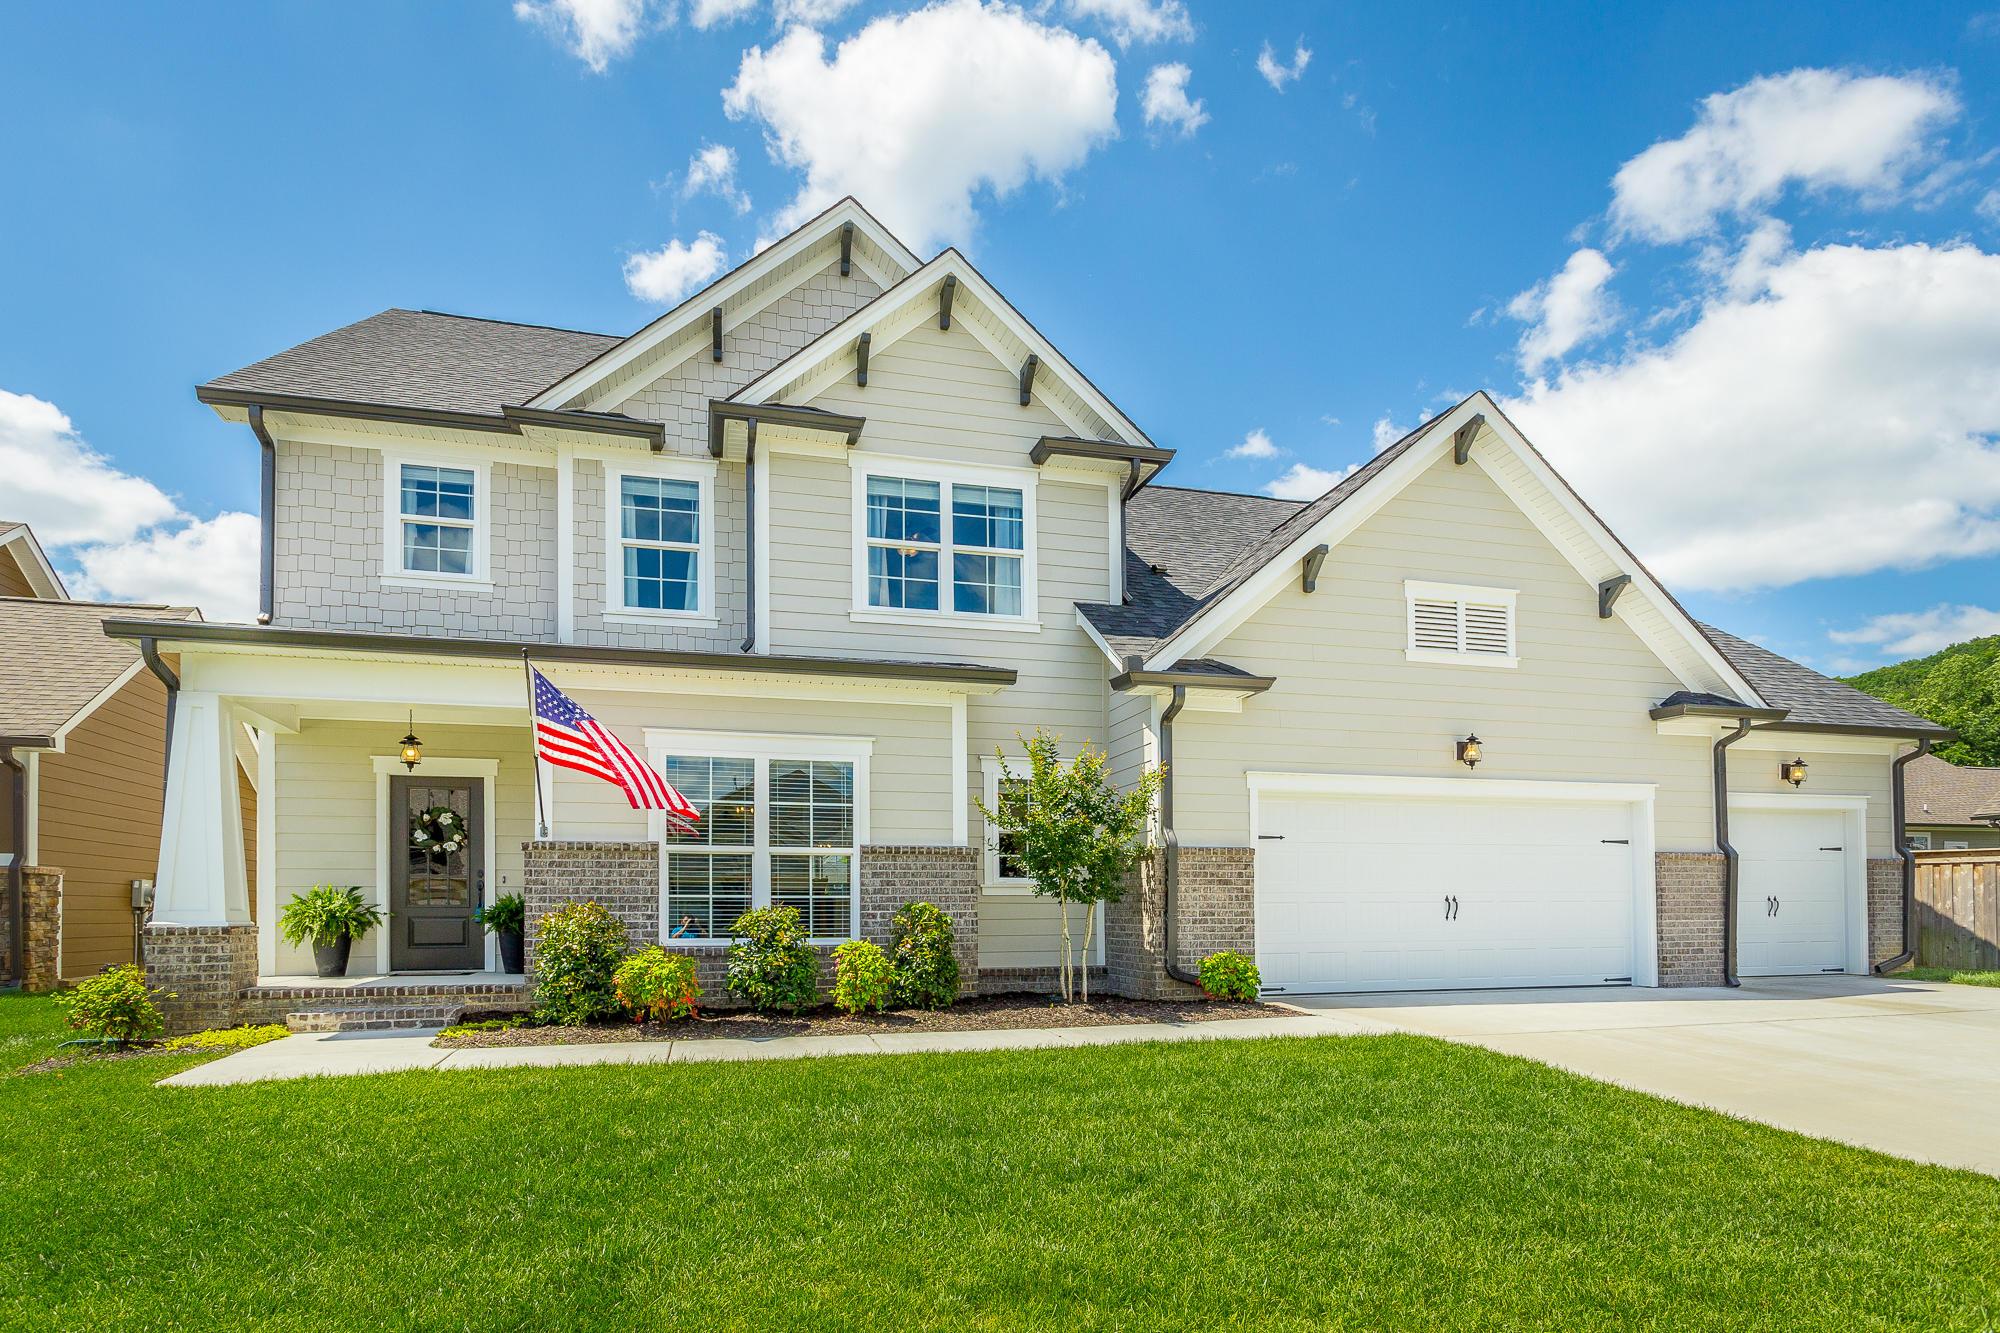 426 Boulder Creek Tr, Hixson, TN 37343